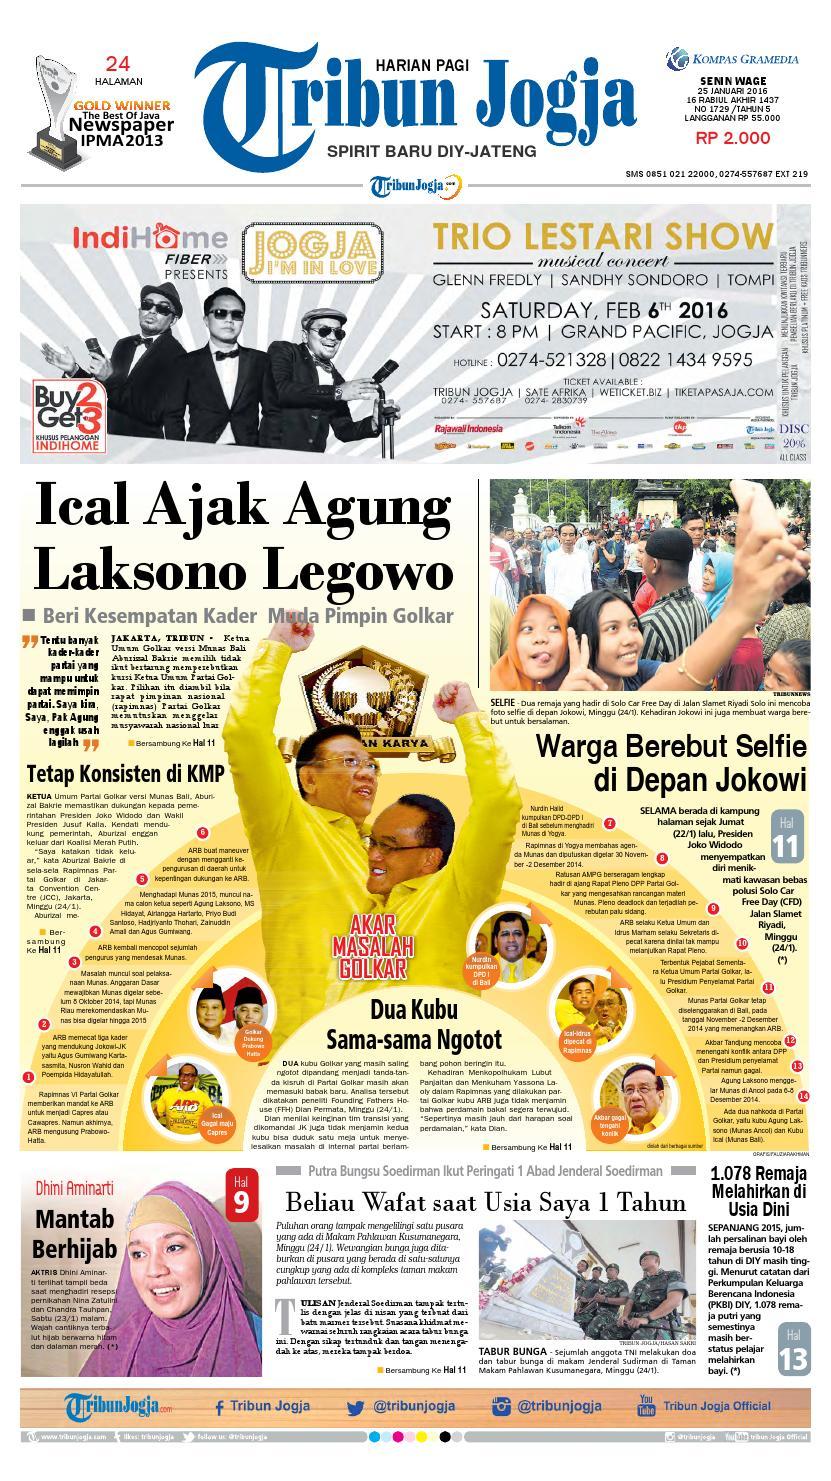 Tribunjogja 28 01 2016 By Tribun Jogja Issuu Fcenter Meja Rias Siantano Mr 905 Jawa Tengahdiyjawa Timur 25